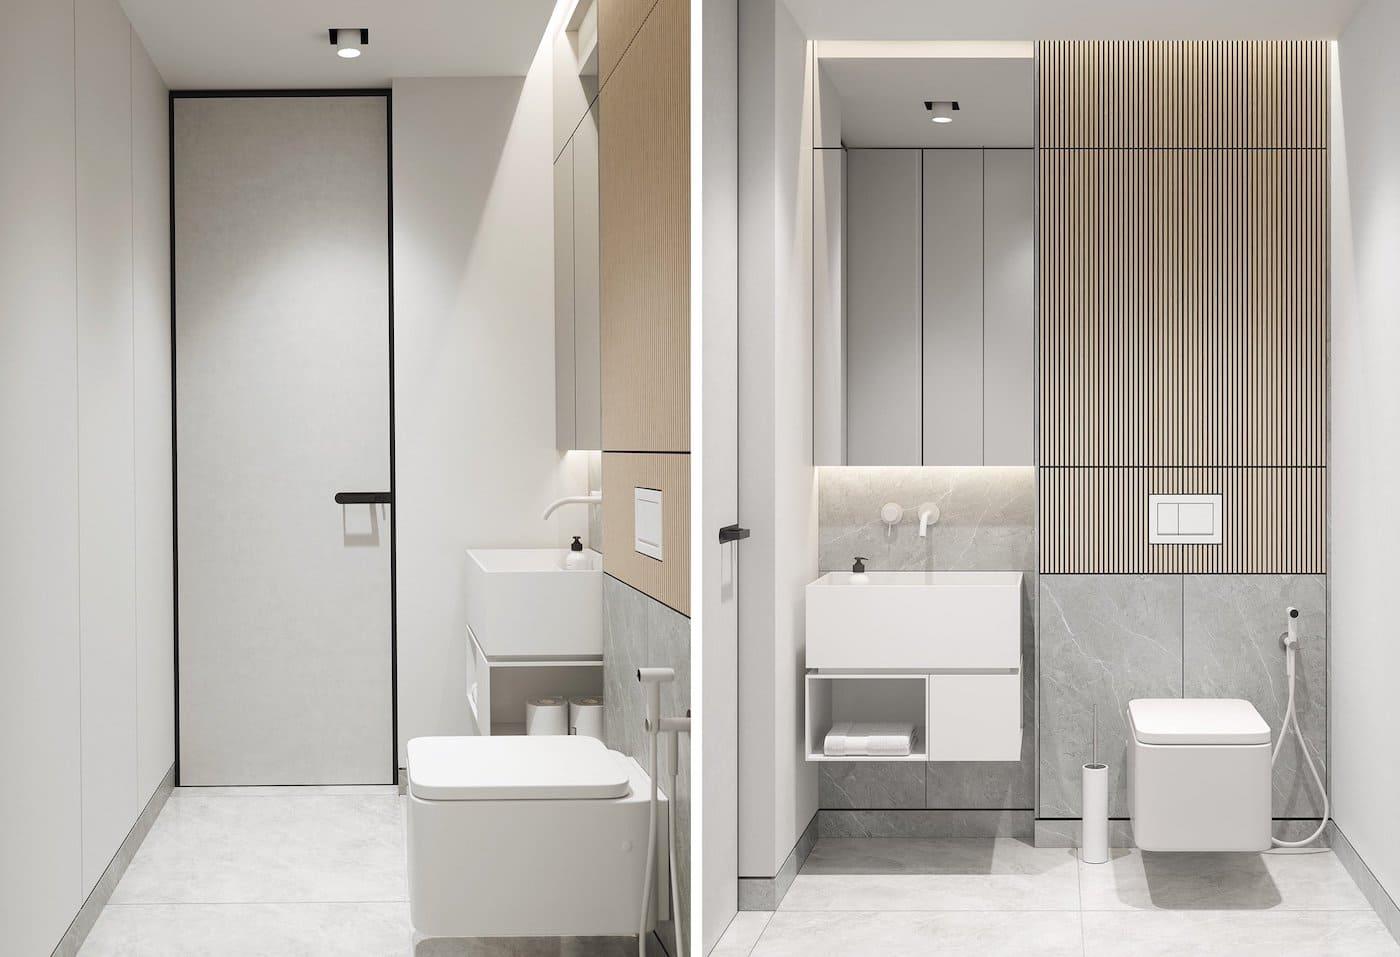 дизайн интерьера ванной комнаты фото 59